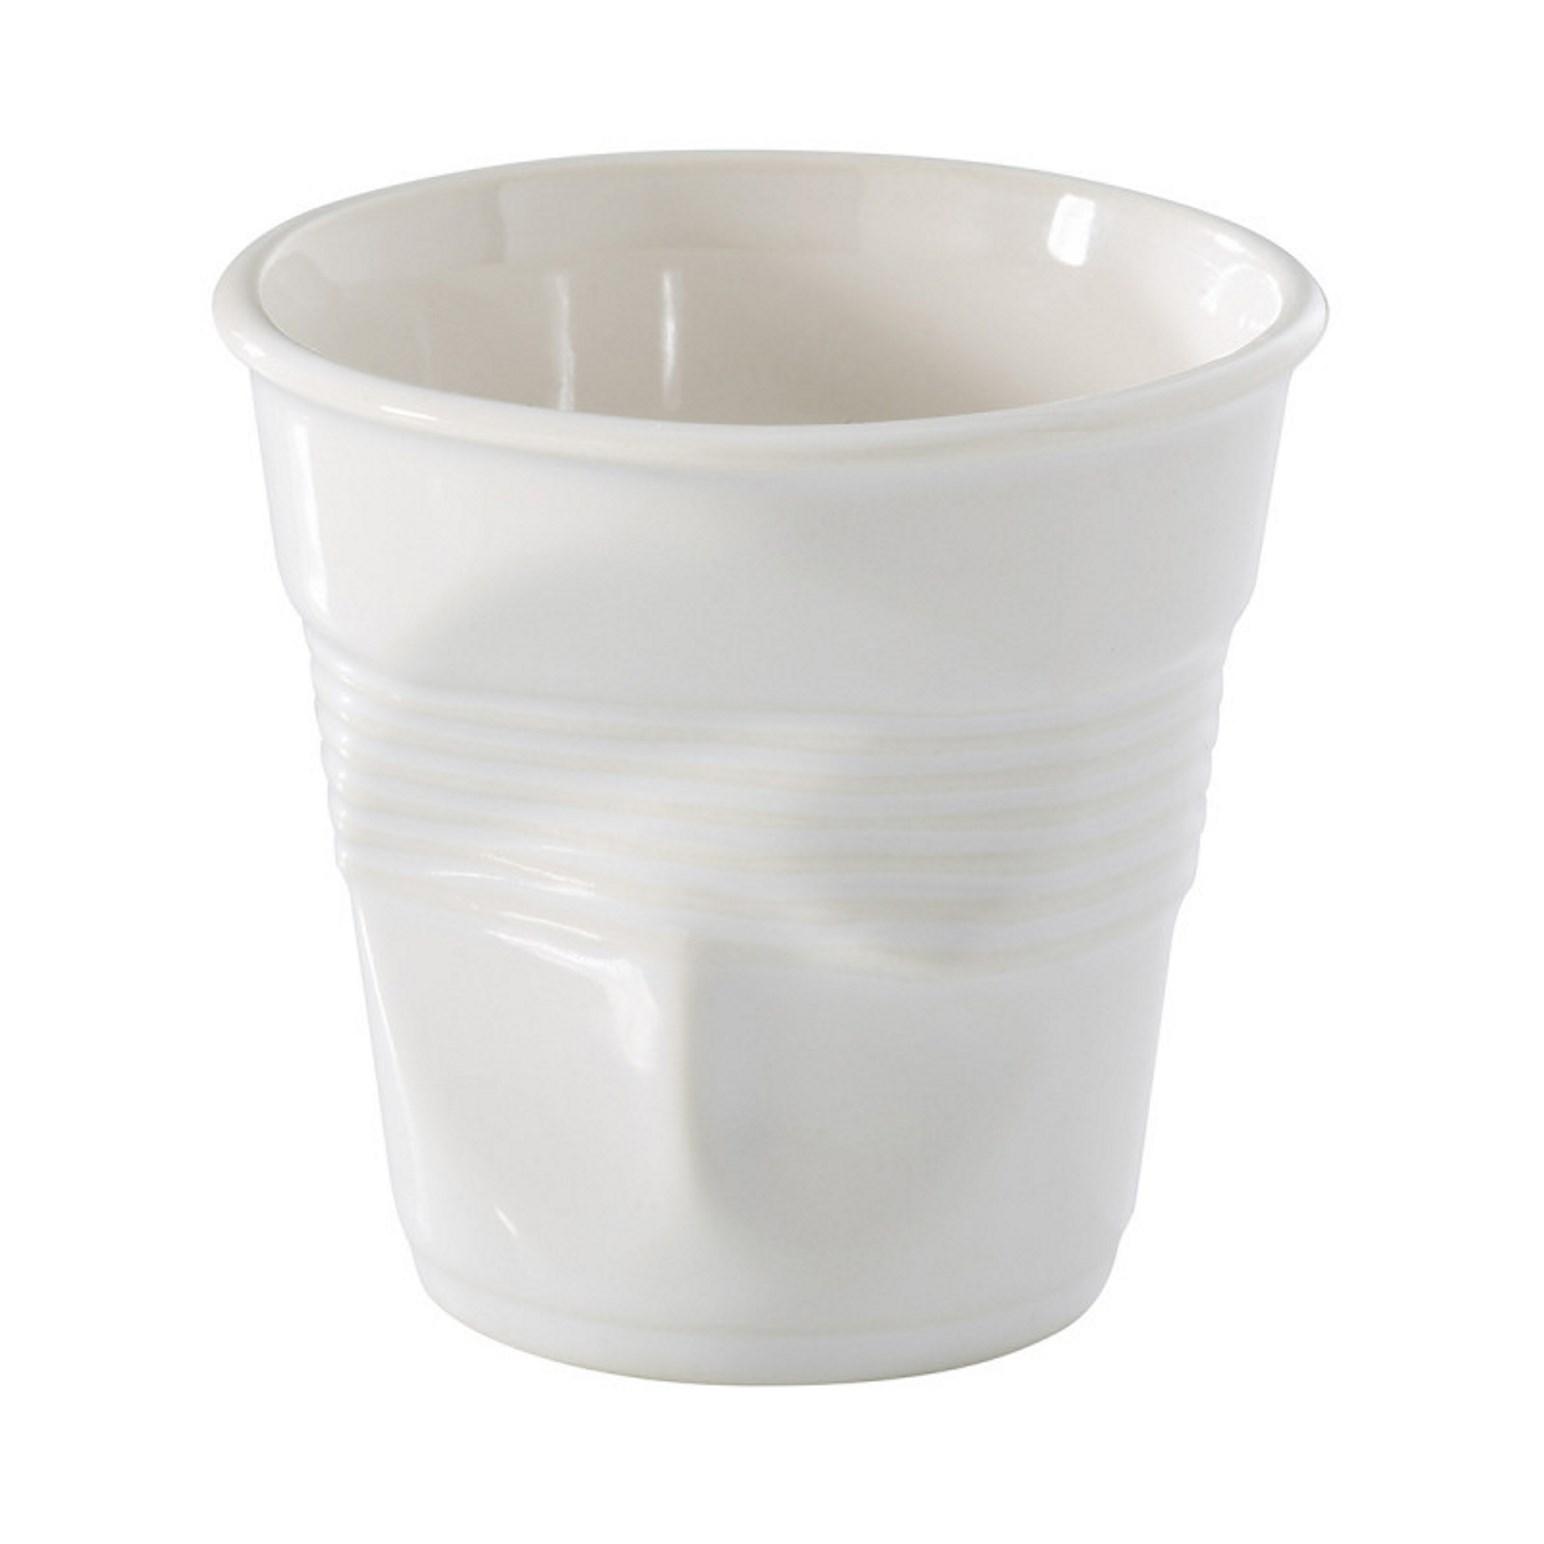 Онлайн каталог PROMENU: Стакан фарфоровый для кофе Revol FROISSES, объем 0,12 л, диаметр 7,3 см, высота 7 см, белый                               639349